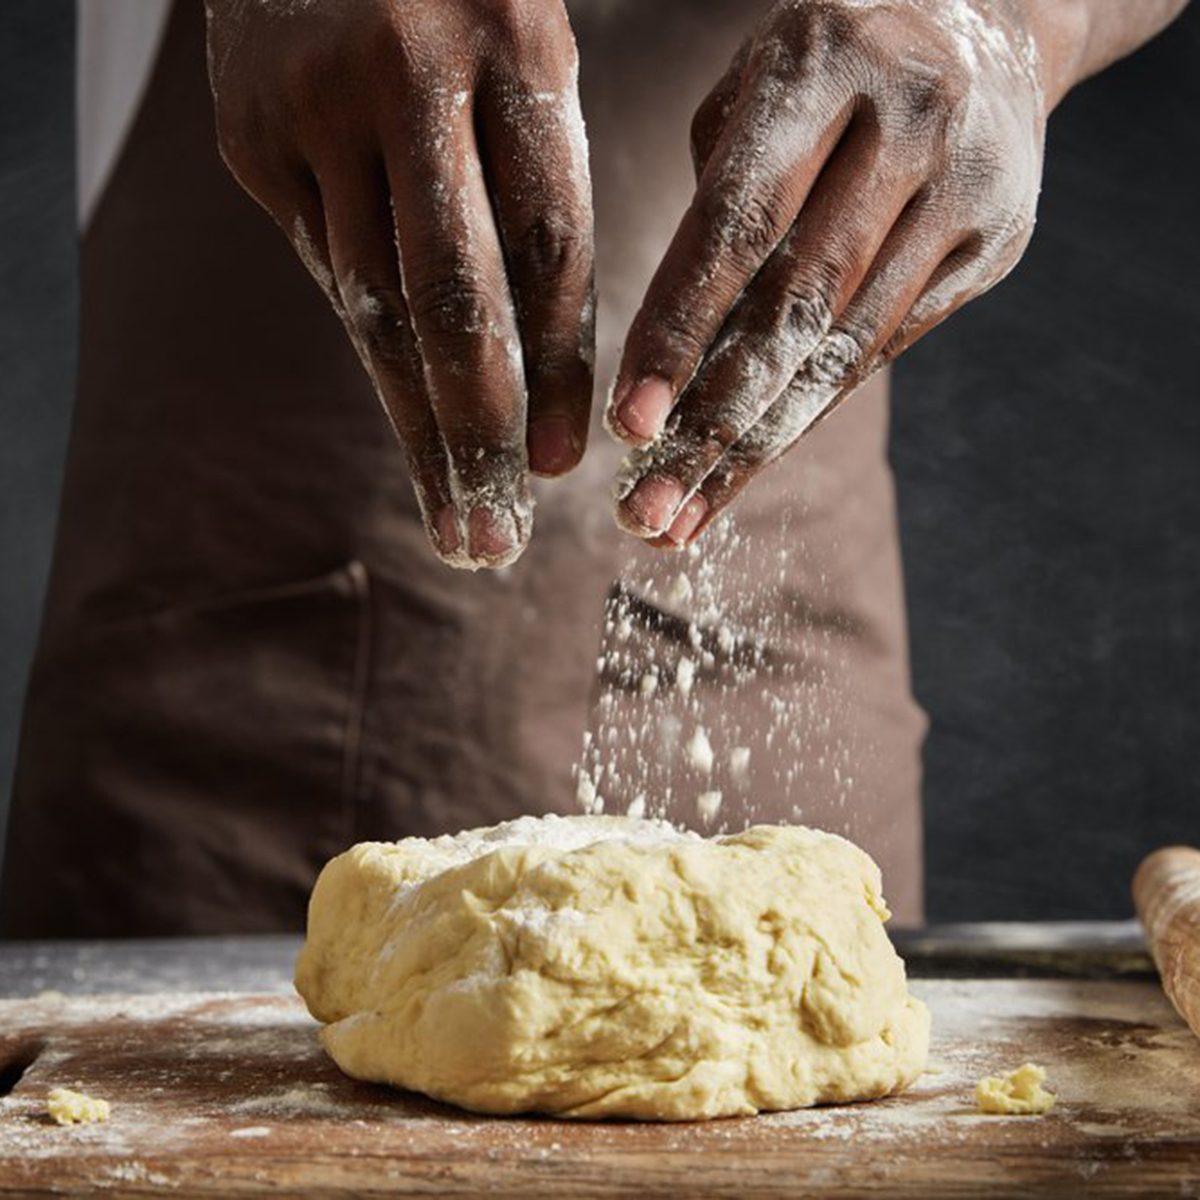 Flouring dough